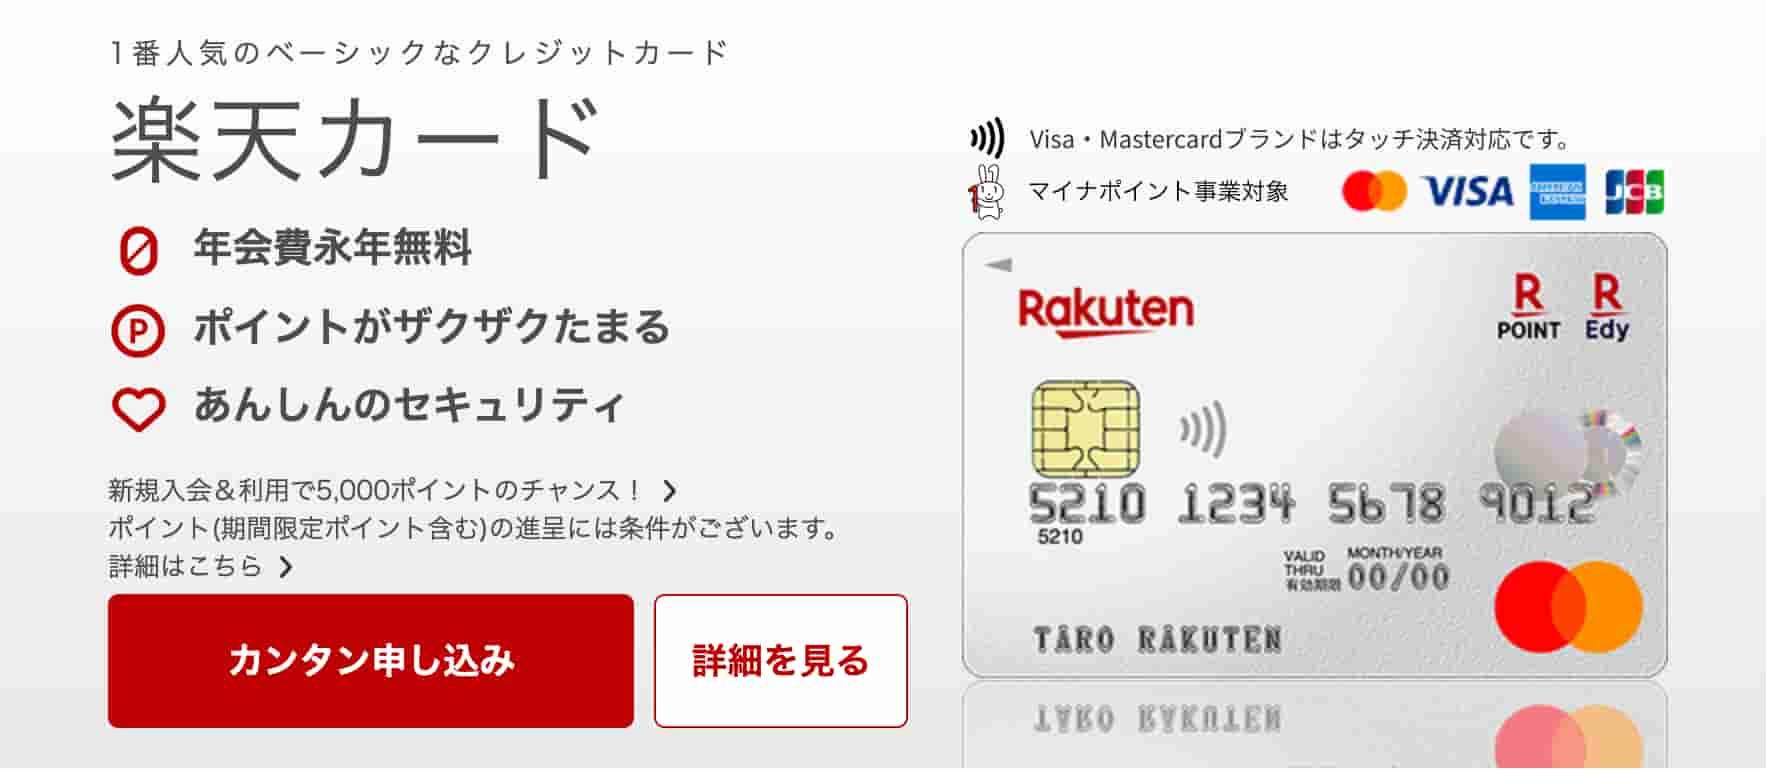 楽天Koboの支払いで使える楽天カードの解説